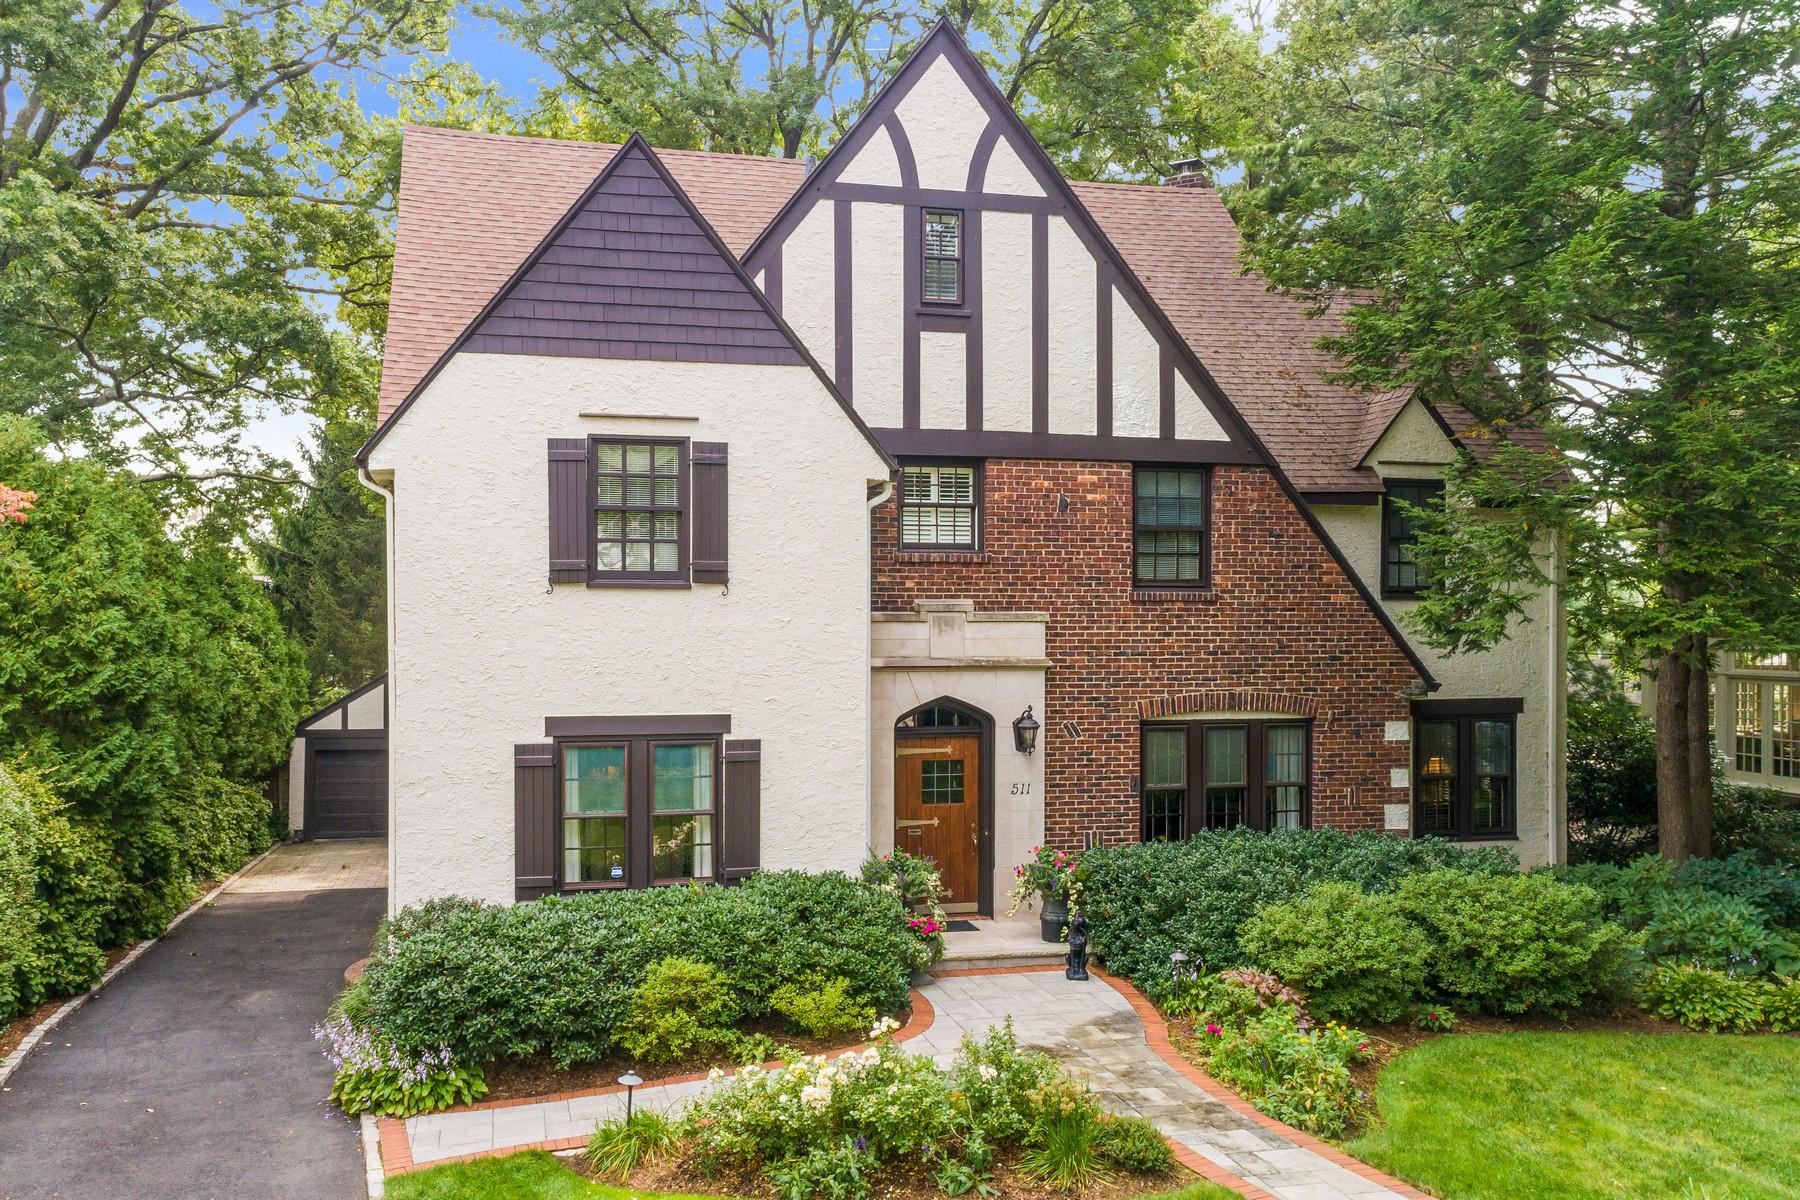 Single Family Homes für Verkauf beim Perfect In Every Way! 511 Ridgewood Ave, Glen Ridge, New Jersey 07028 Vereinigte Staaten